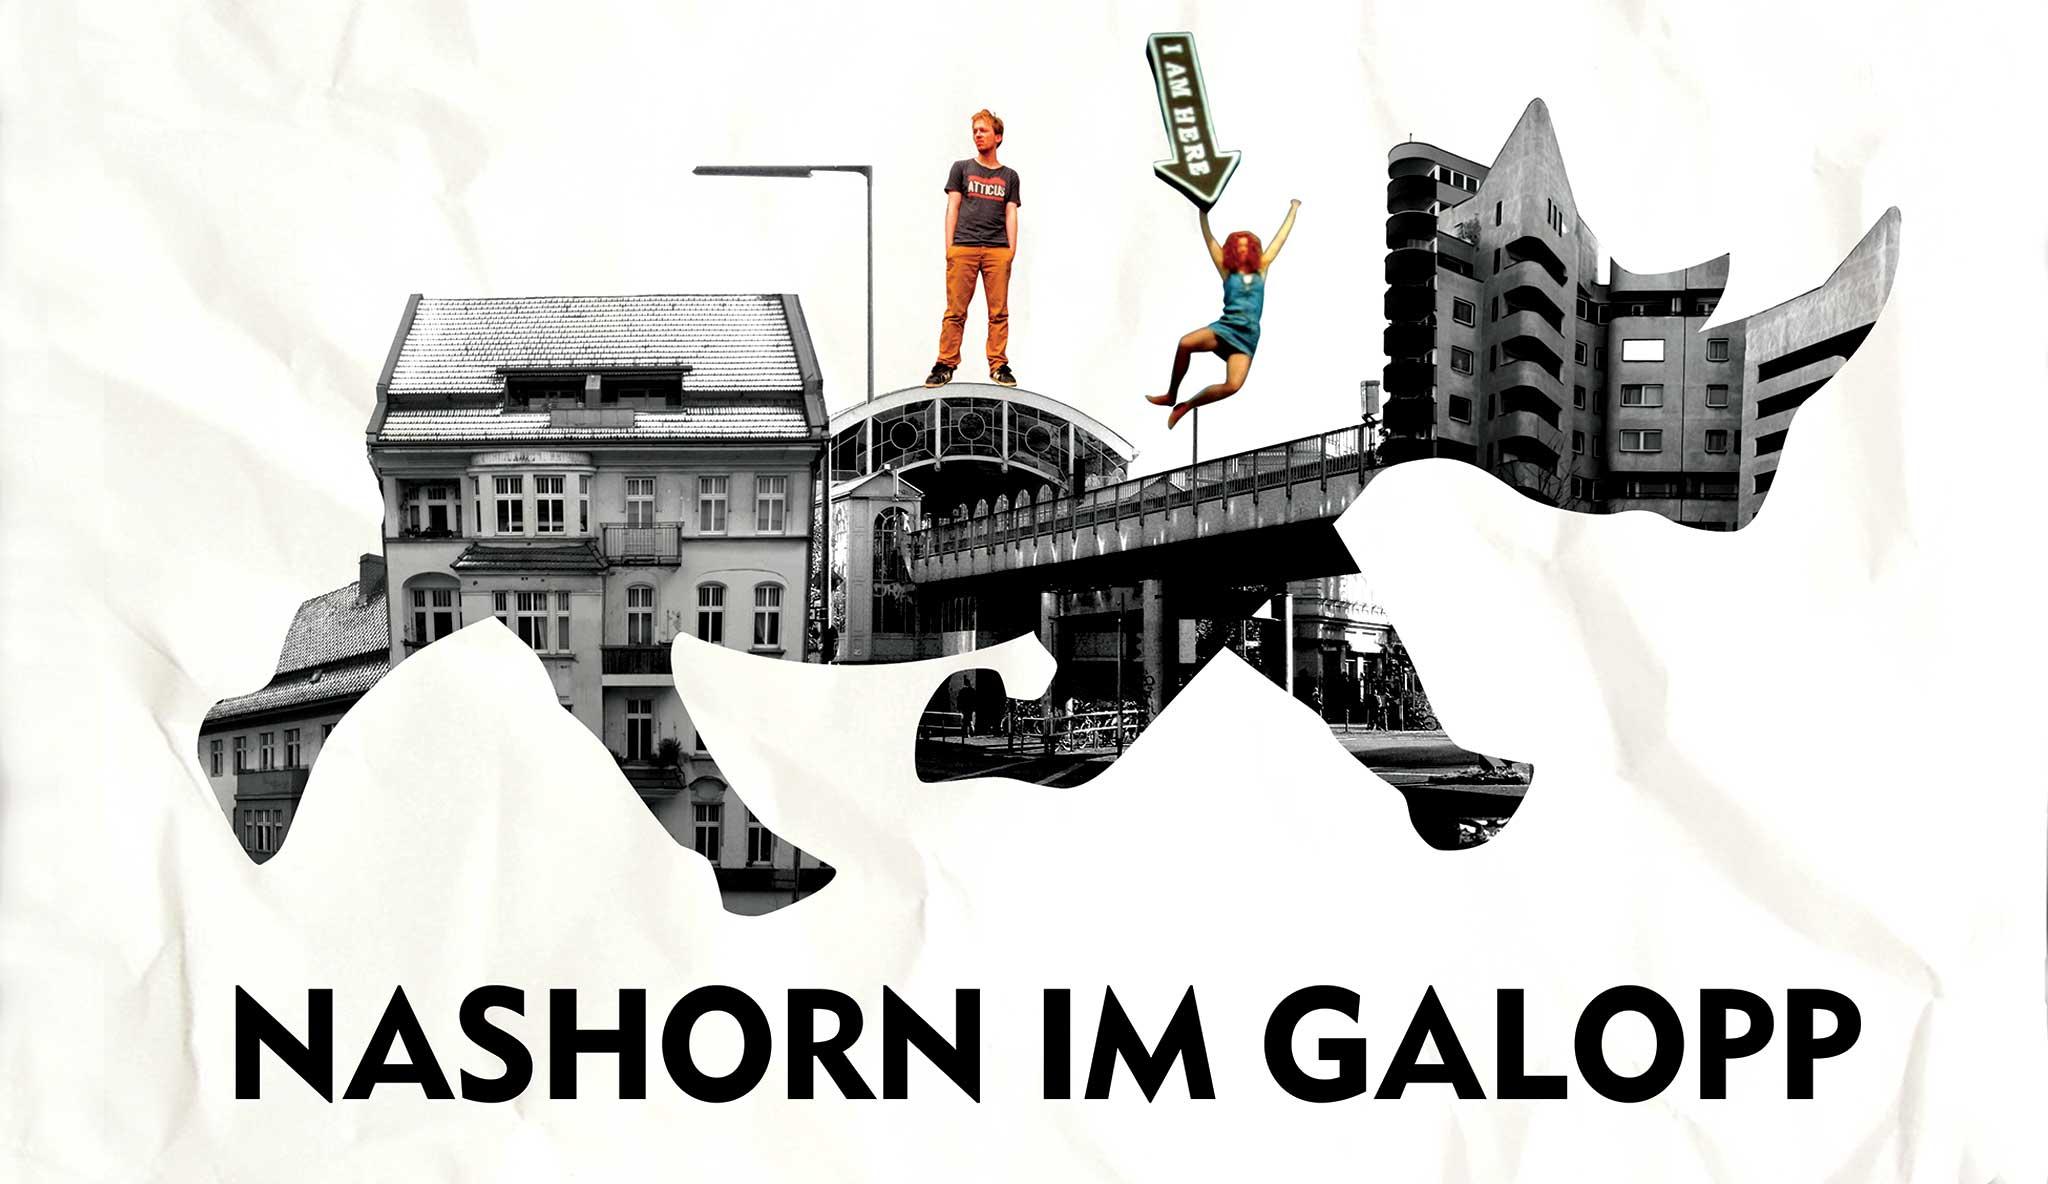 nashorn-im-galopp\header.jpg